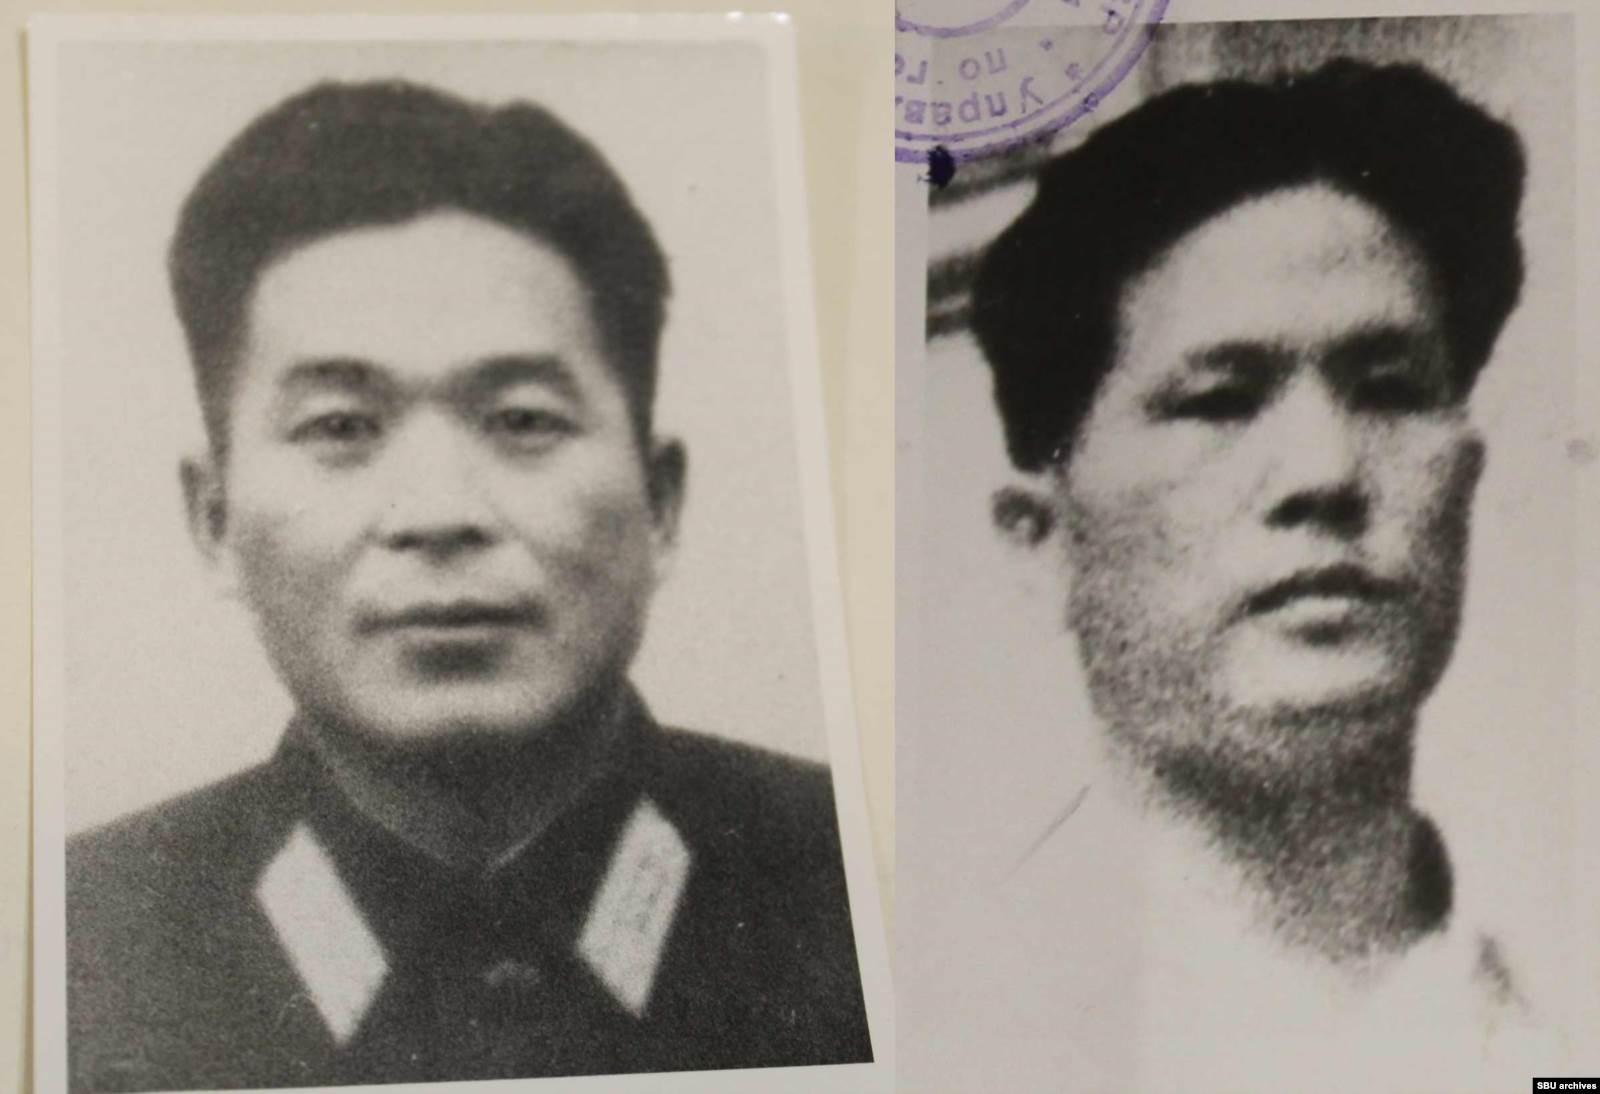 Син и Нам. Фото из уголовного дела